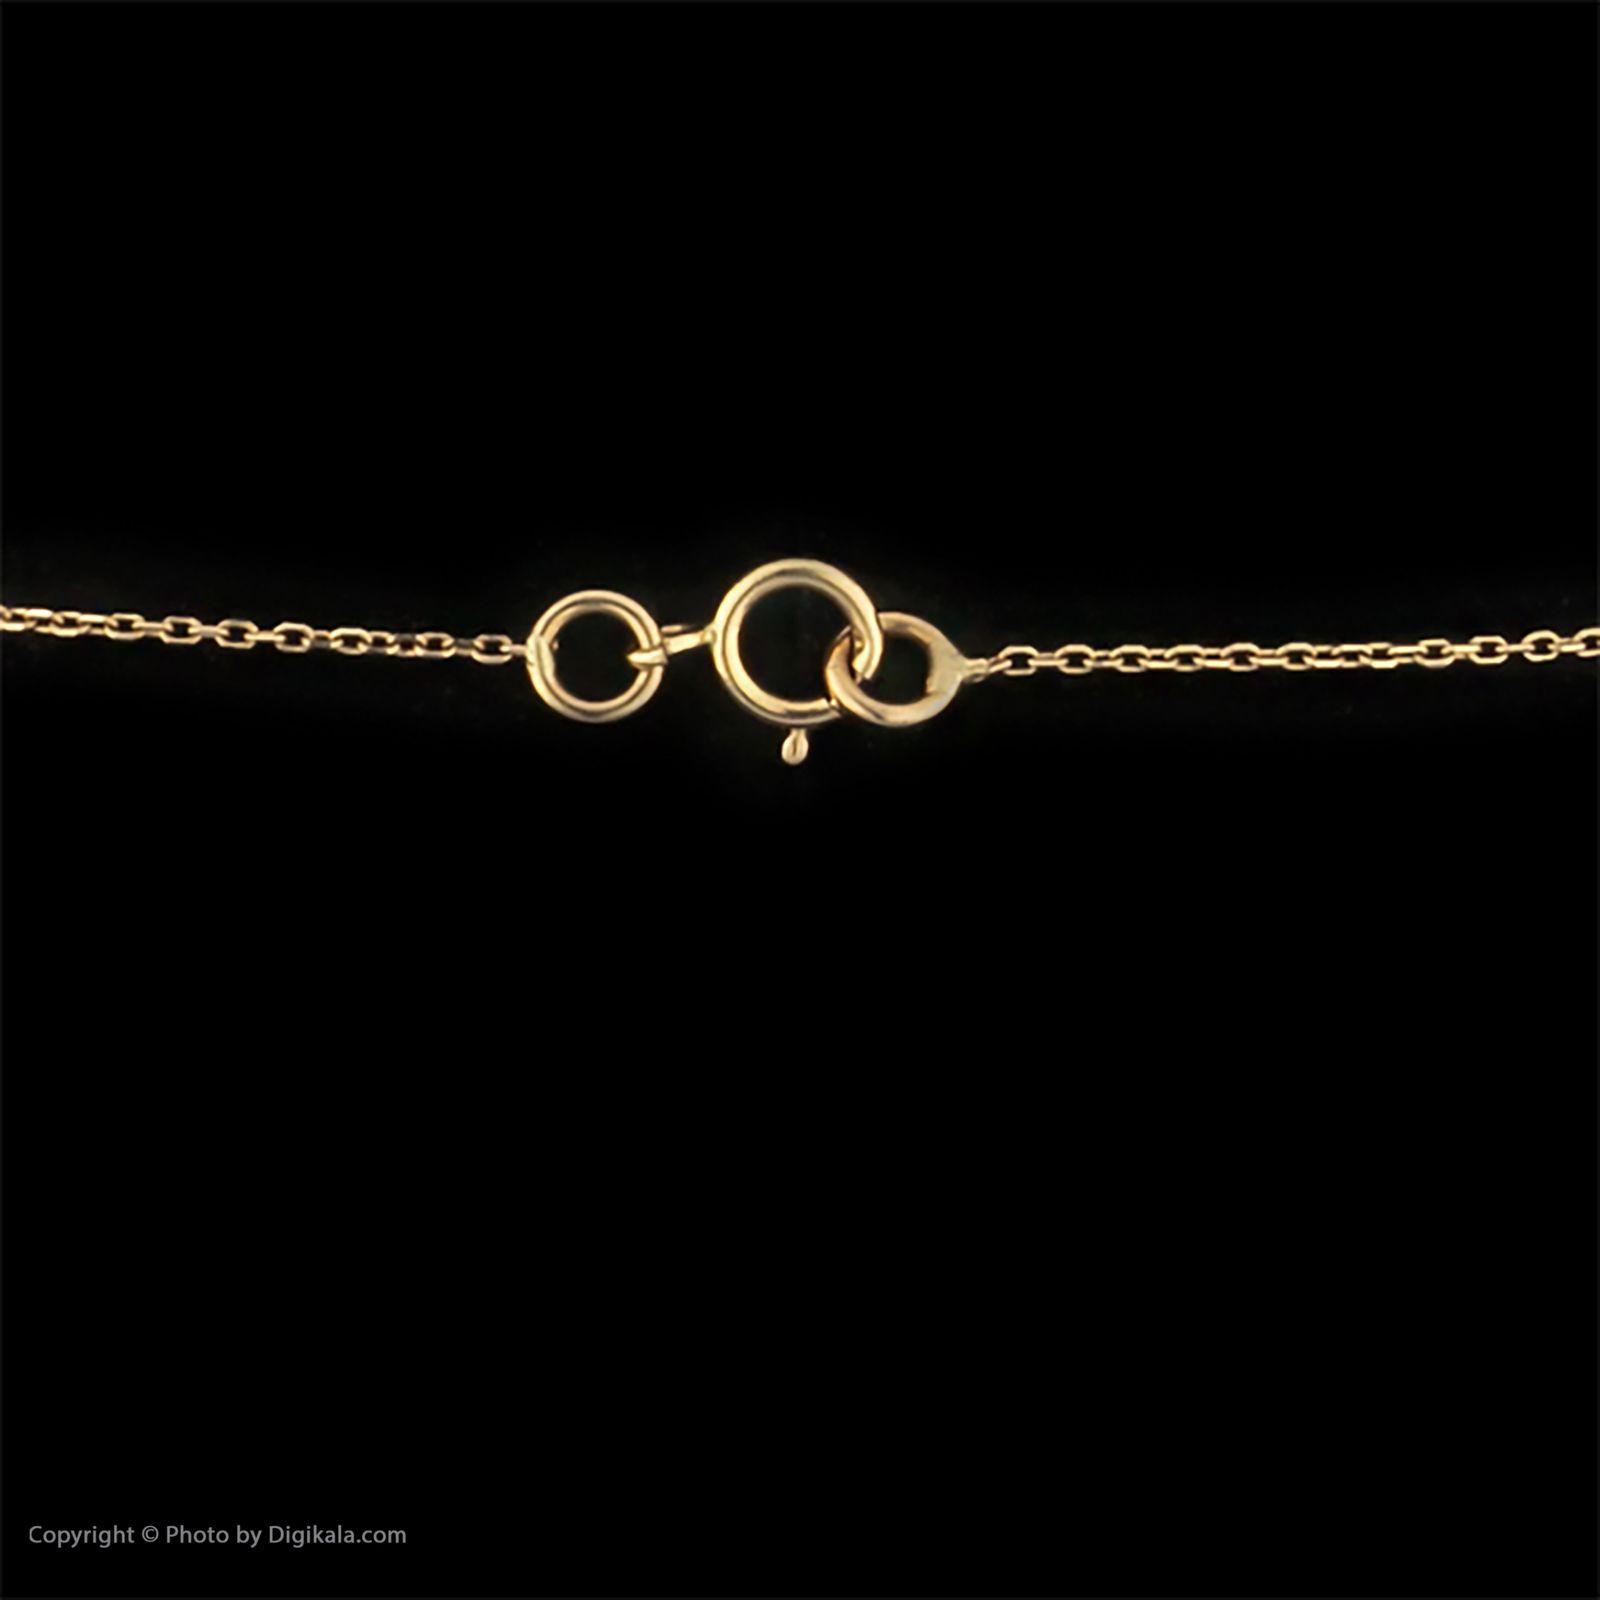 گردنبند طلا 18 عیار زنانه سنجاق مدل X082154 -  - 5